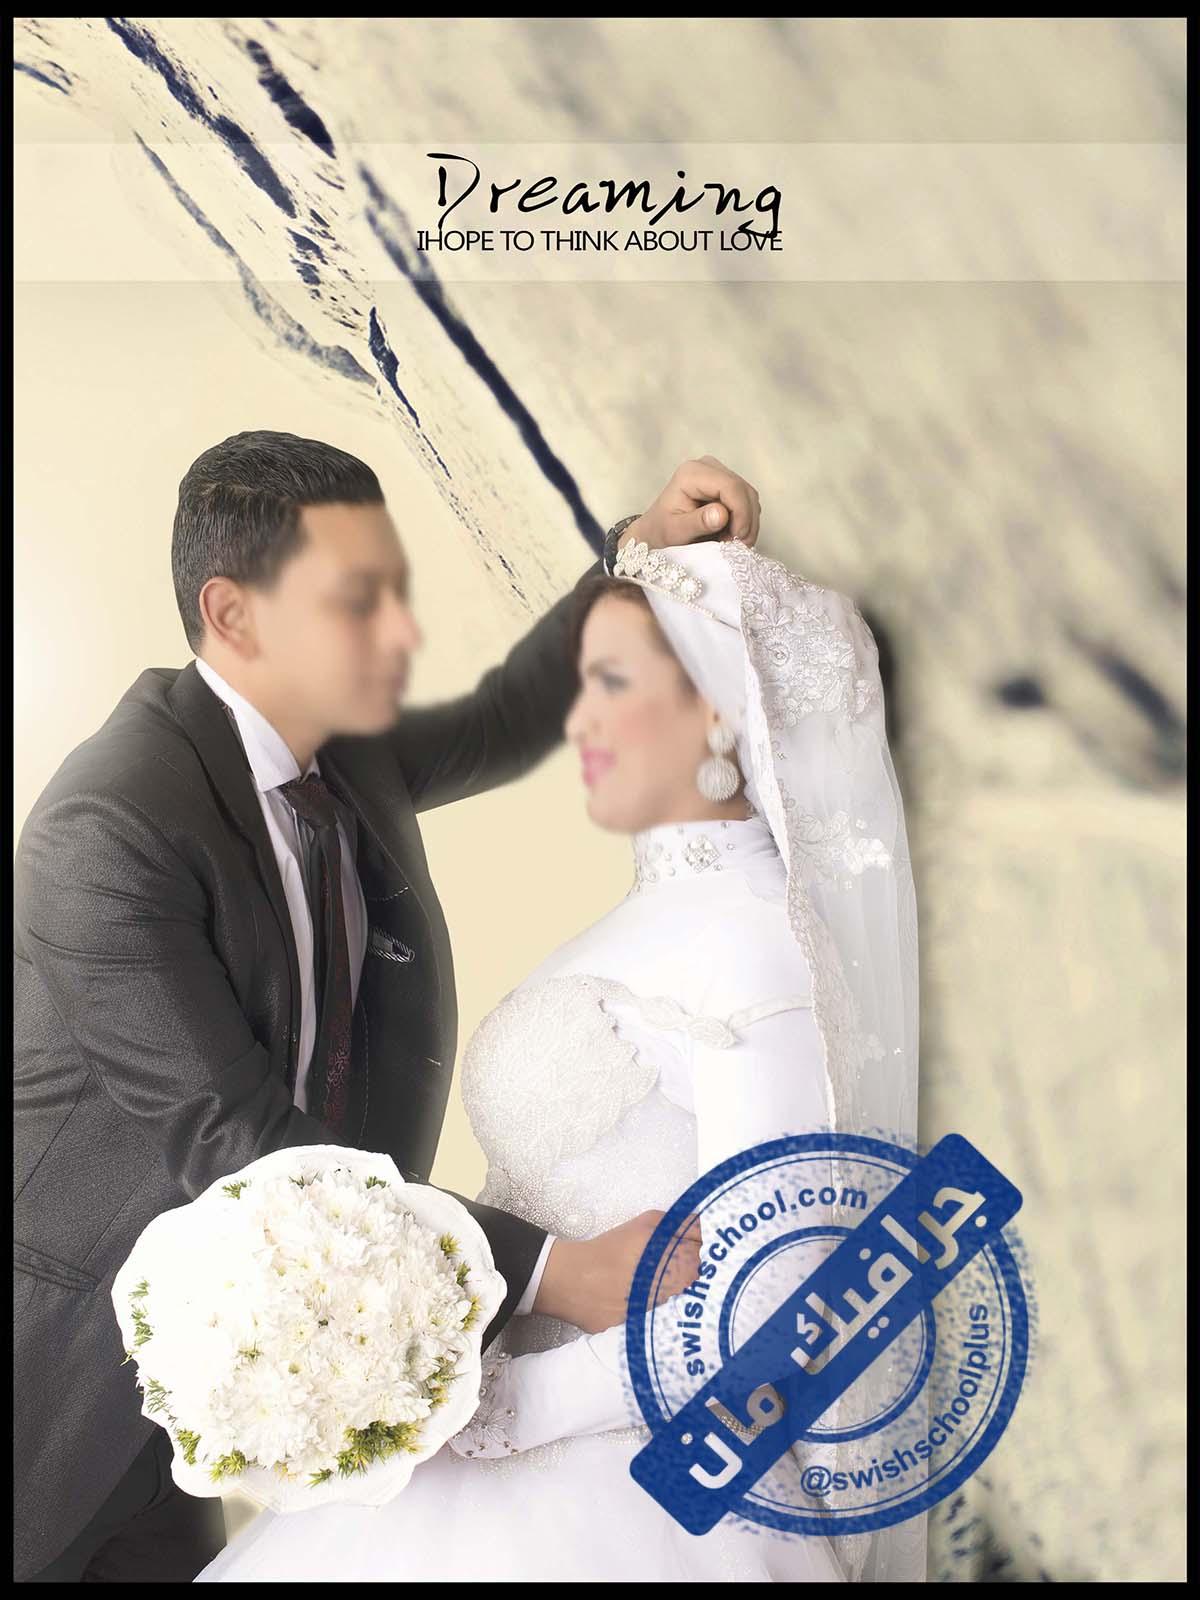 خلفيات عرائس رومانسيه 2 psd 7 خلفيات عرايس رومانسيه psd للزفاف الجزء الثاني